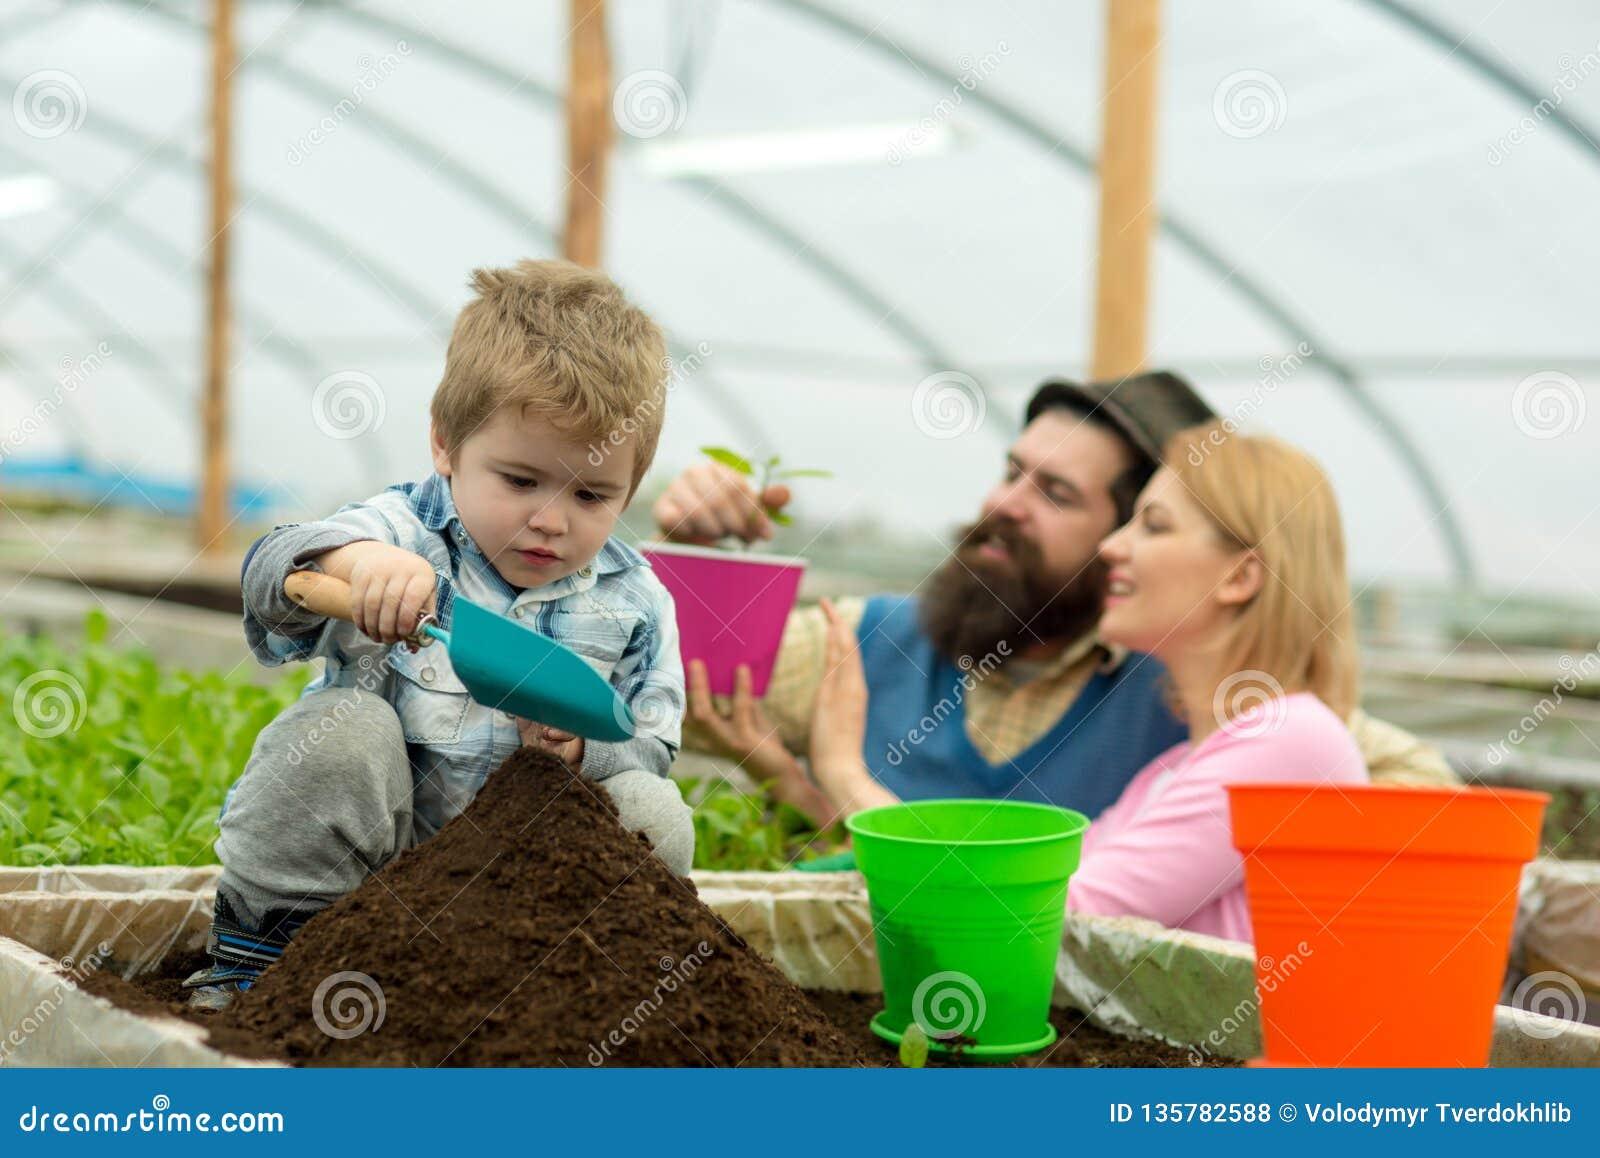 Rikt land land som är rikt med fertilt rikt land för växande växter familj i växthusarbete med rikt land familj